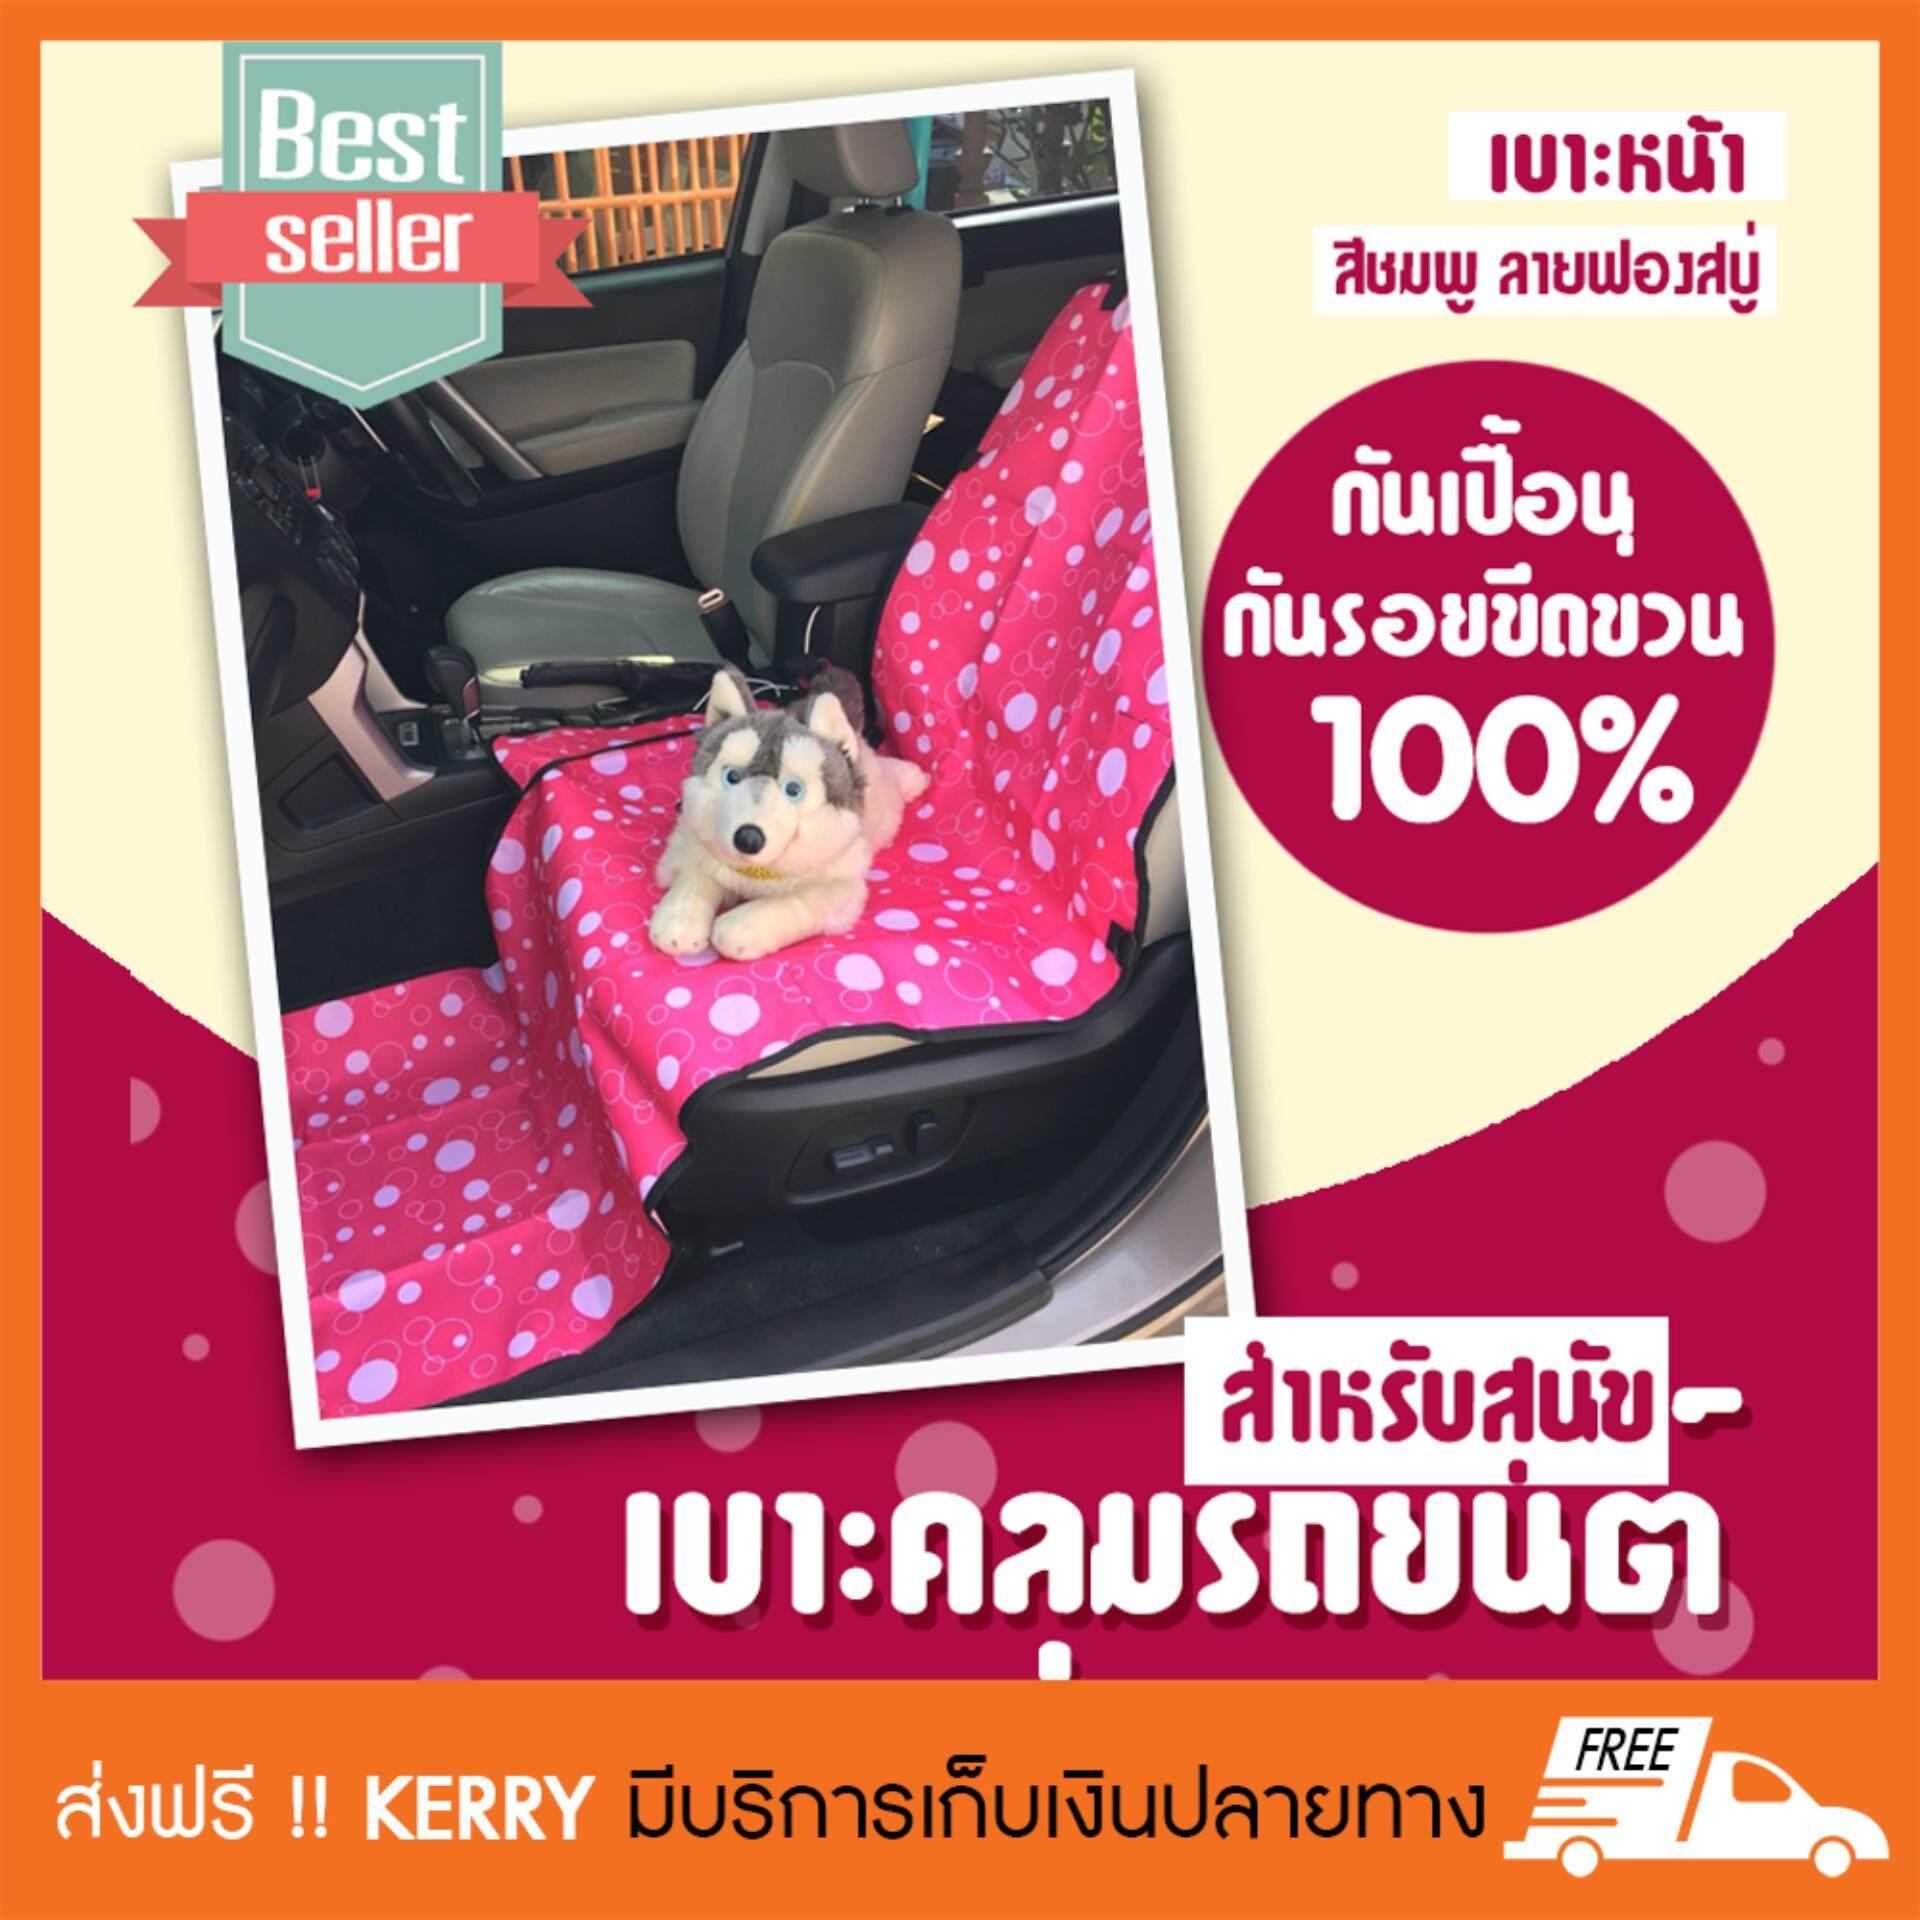 เบาะคลุมรถยนต์สำหรับสุนัข แผ่นรองกันเปื้อนสำหรับสุนัขในรถยนต์ แผ่นรองกันเปื้อนเบาะรถยนต์สำหรับสุนัข สำหรับเบาะหน้า (สีชมพู ลายฟองสบู่) By Smartshopping.